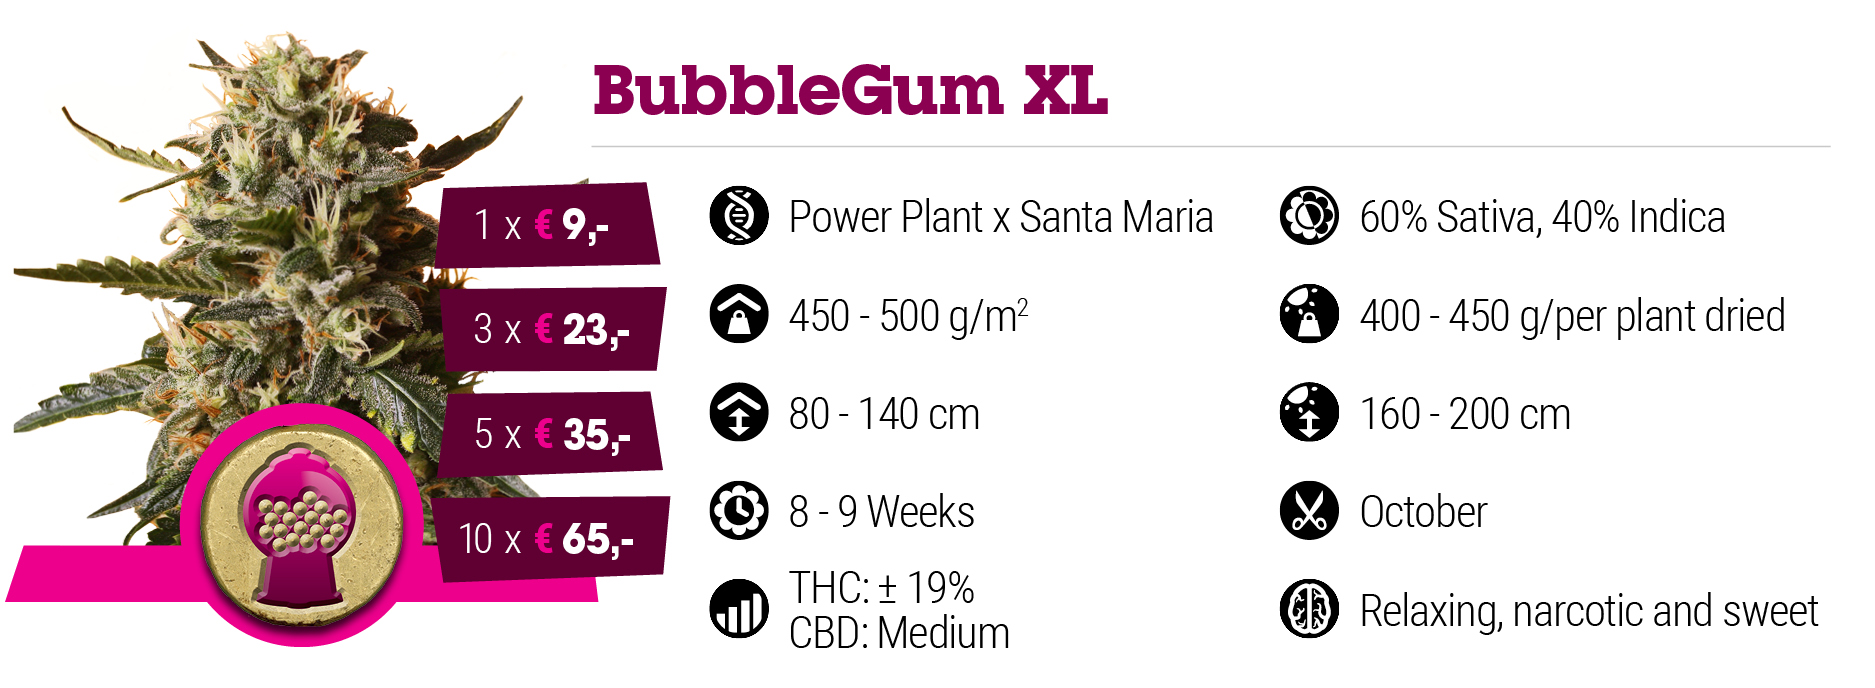 Bubble Gum XL